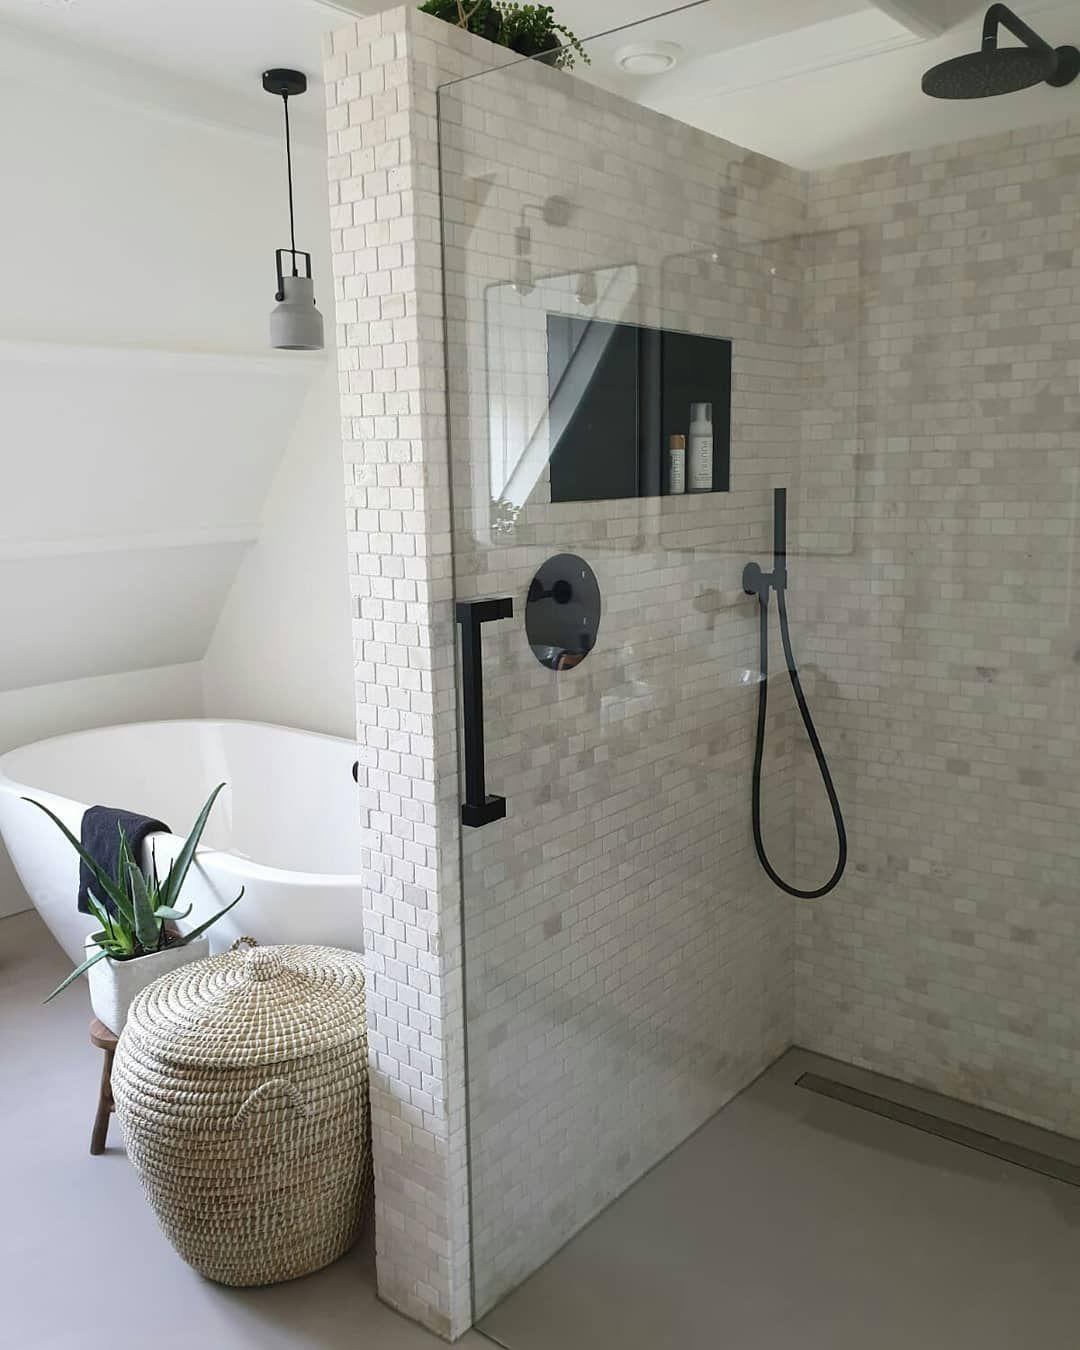 Badkamer - Binnenkijken bij deinterieuradviseurs #badkamerinspiratie